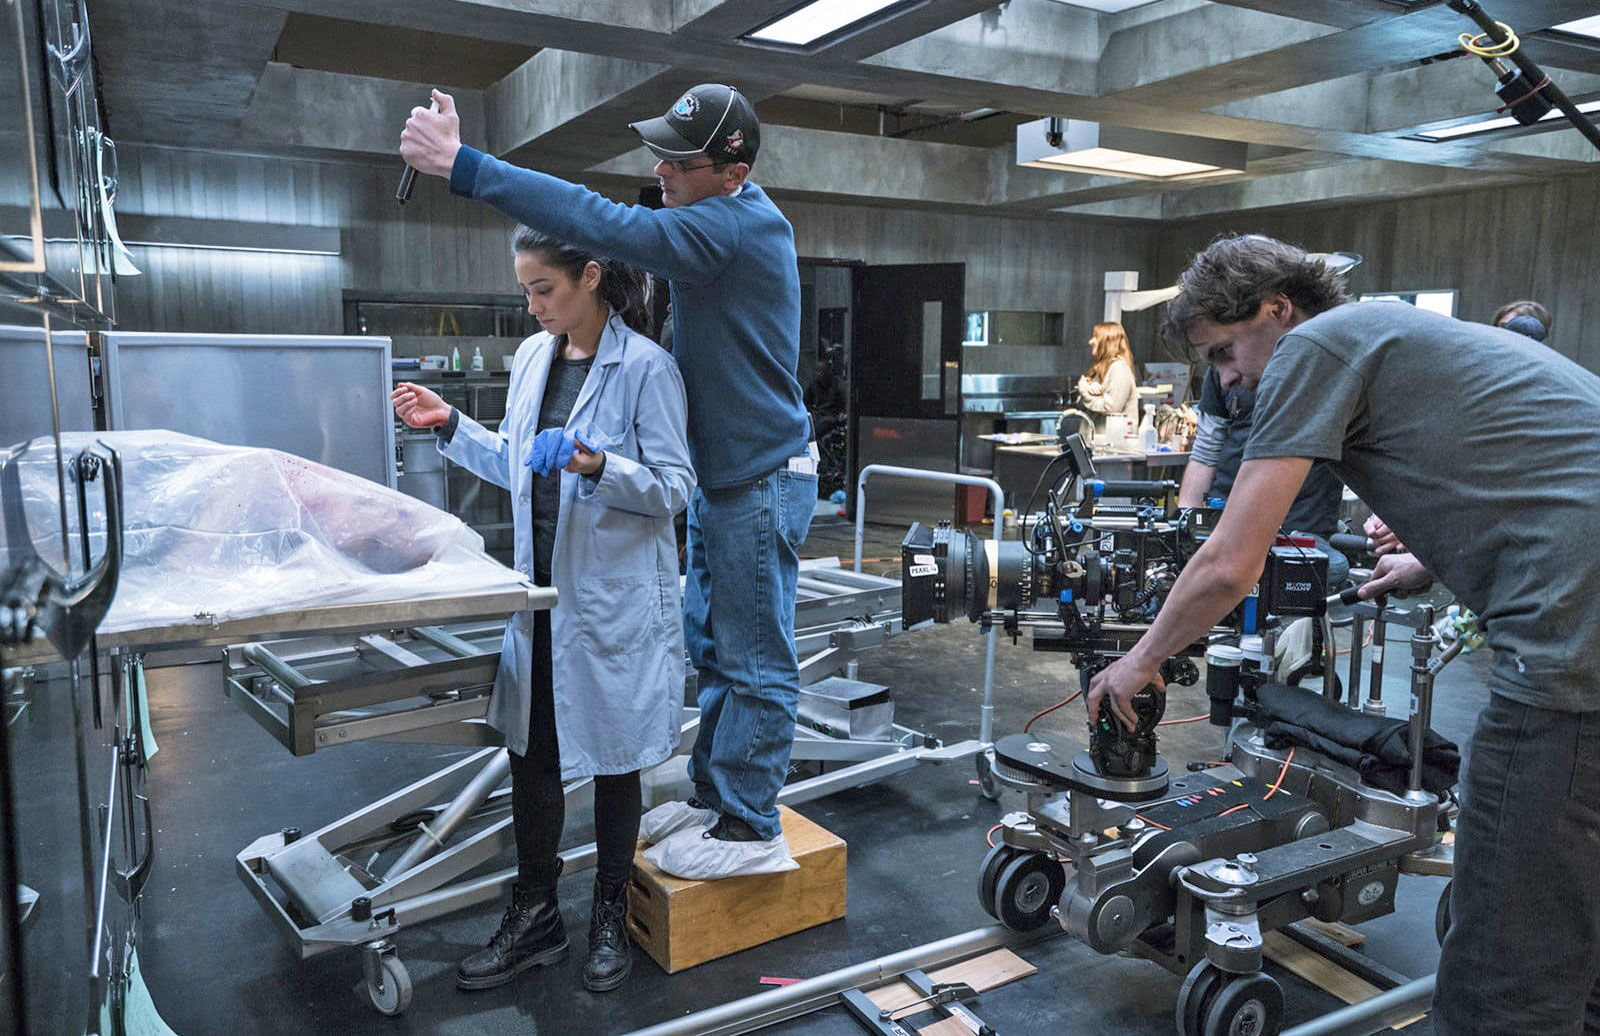 سوني تصور أول فيلم هوليوودي بكاميرا عديمة المرآة كاملة الإطار